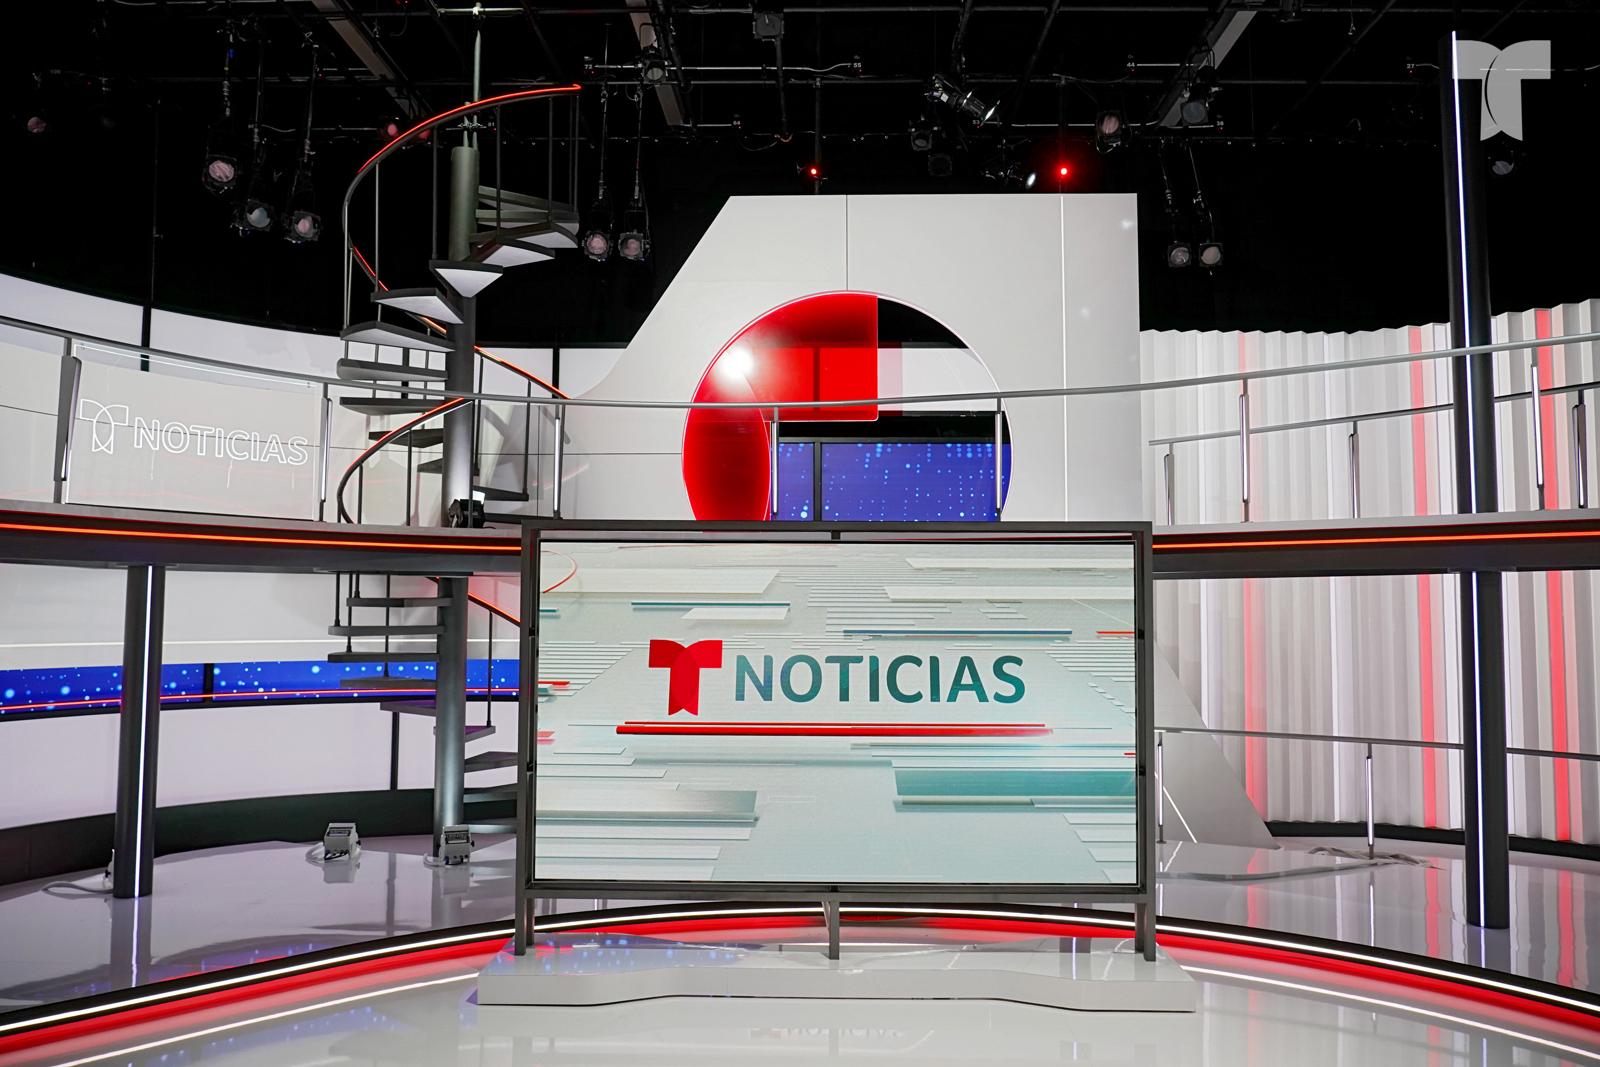 ncs_noticias-telemundo-estudio-miami_0004